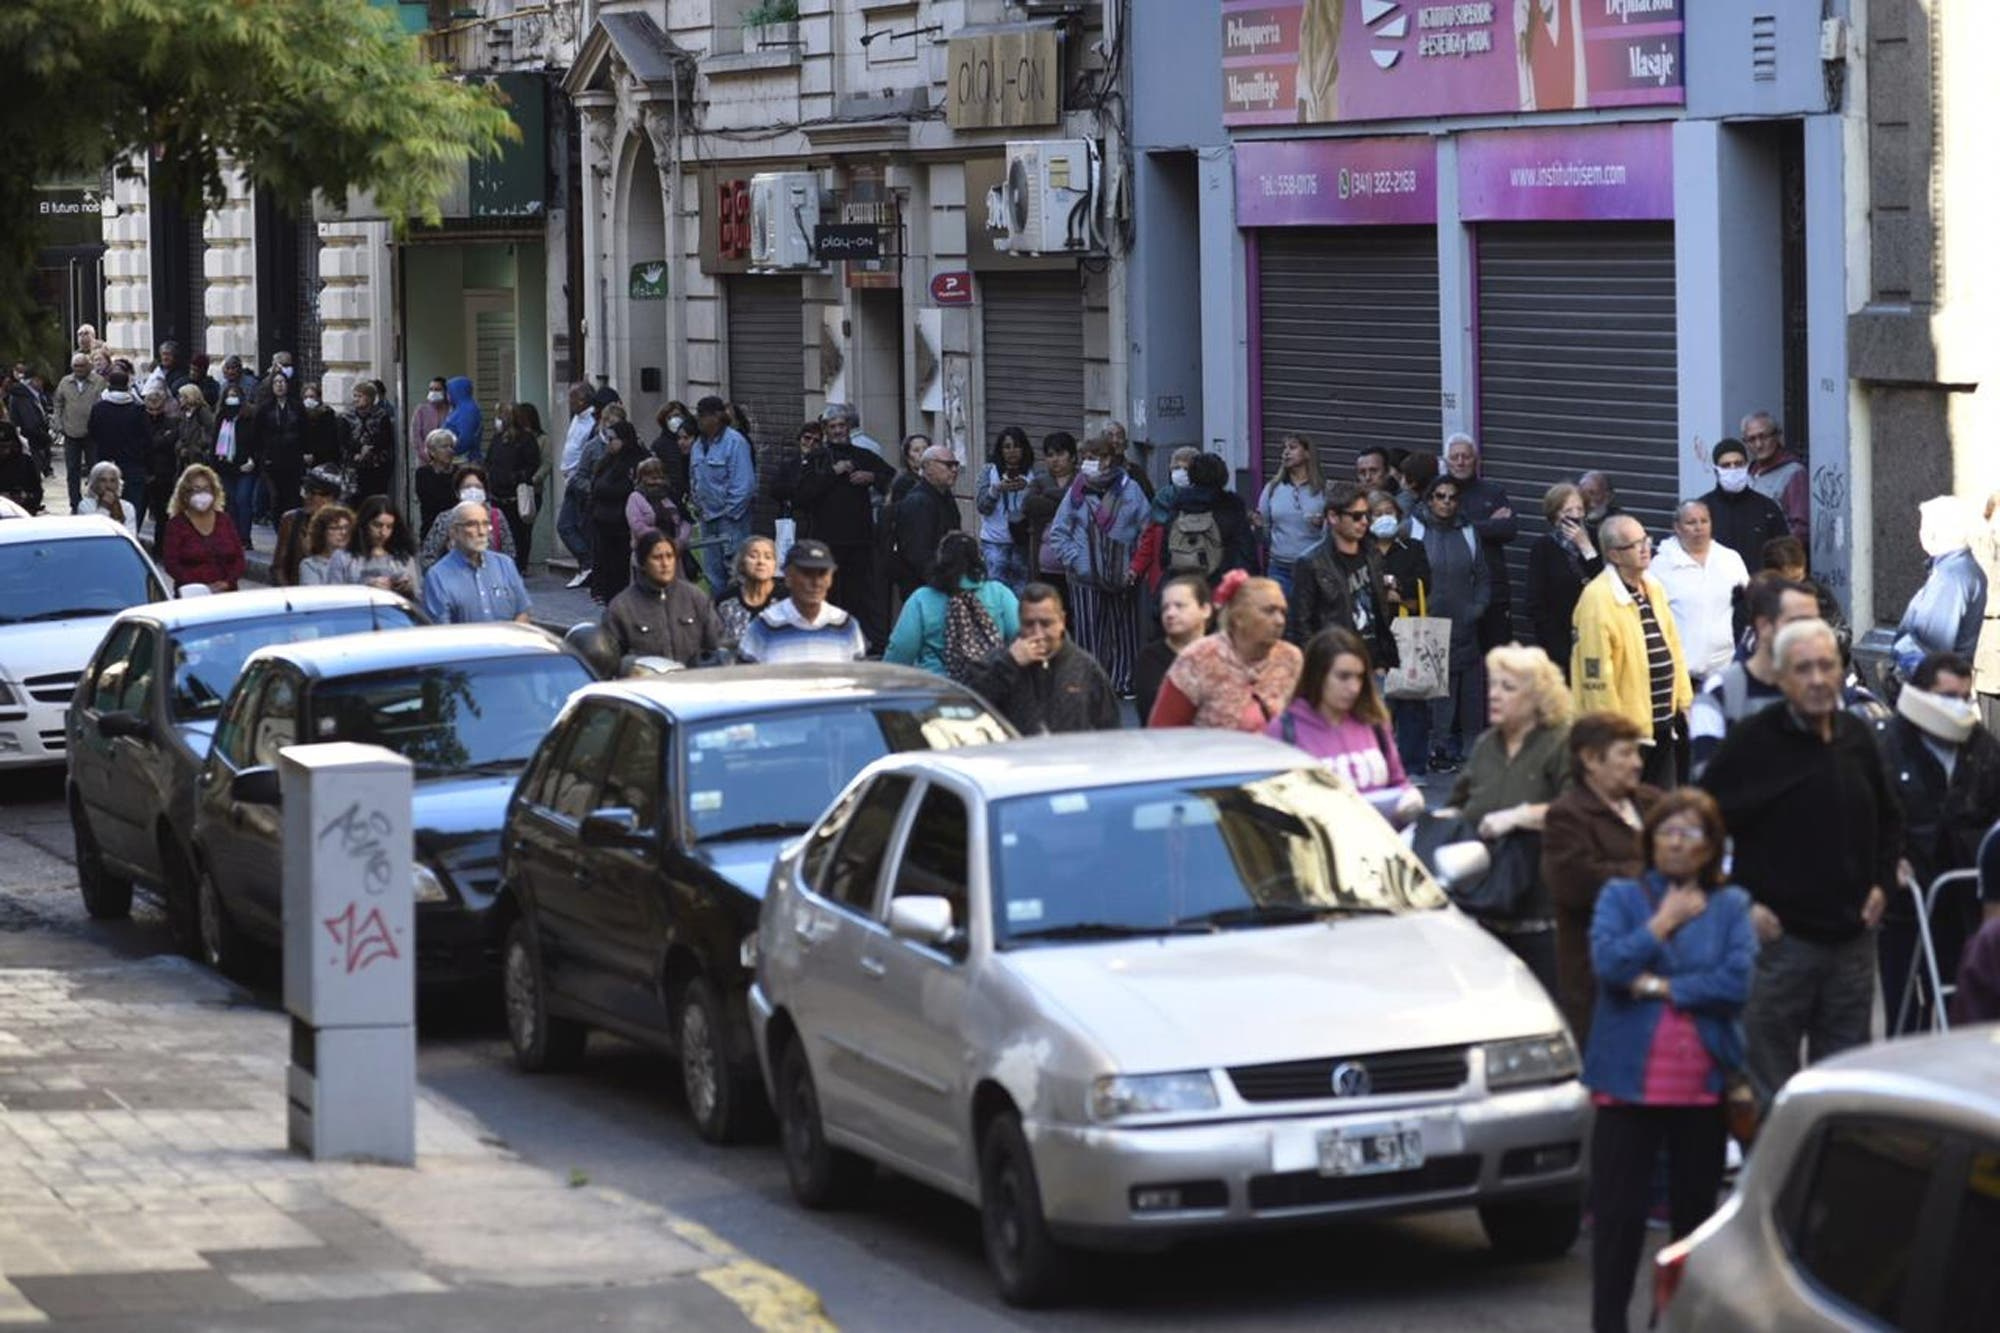 El peor día de Vanoli: las largas filas de jubilados en los bancos en plena pandemia